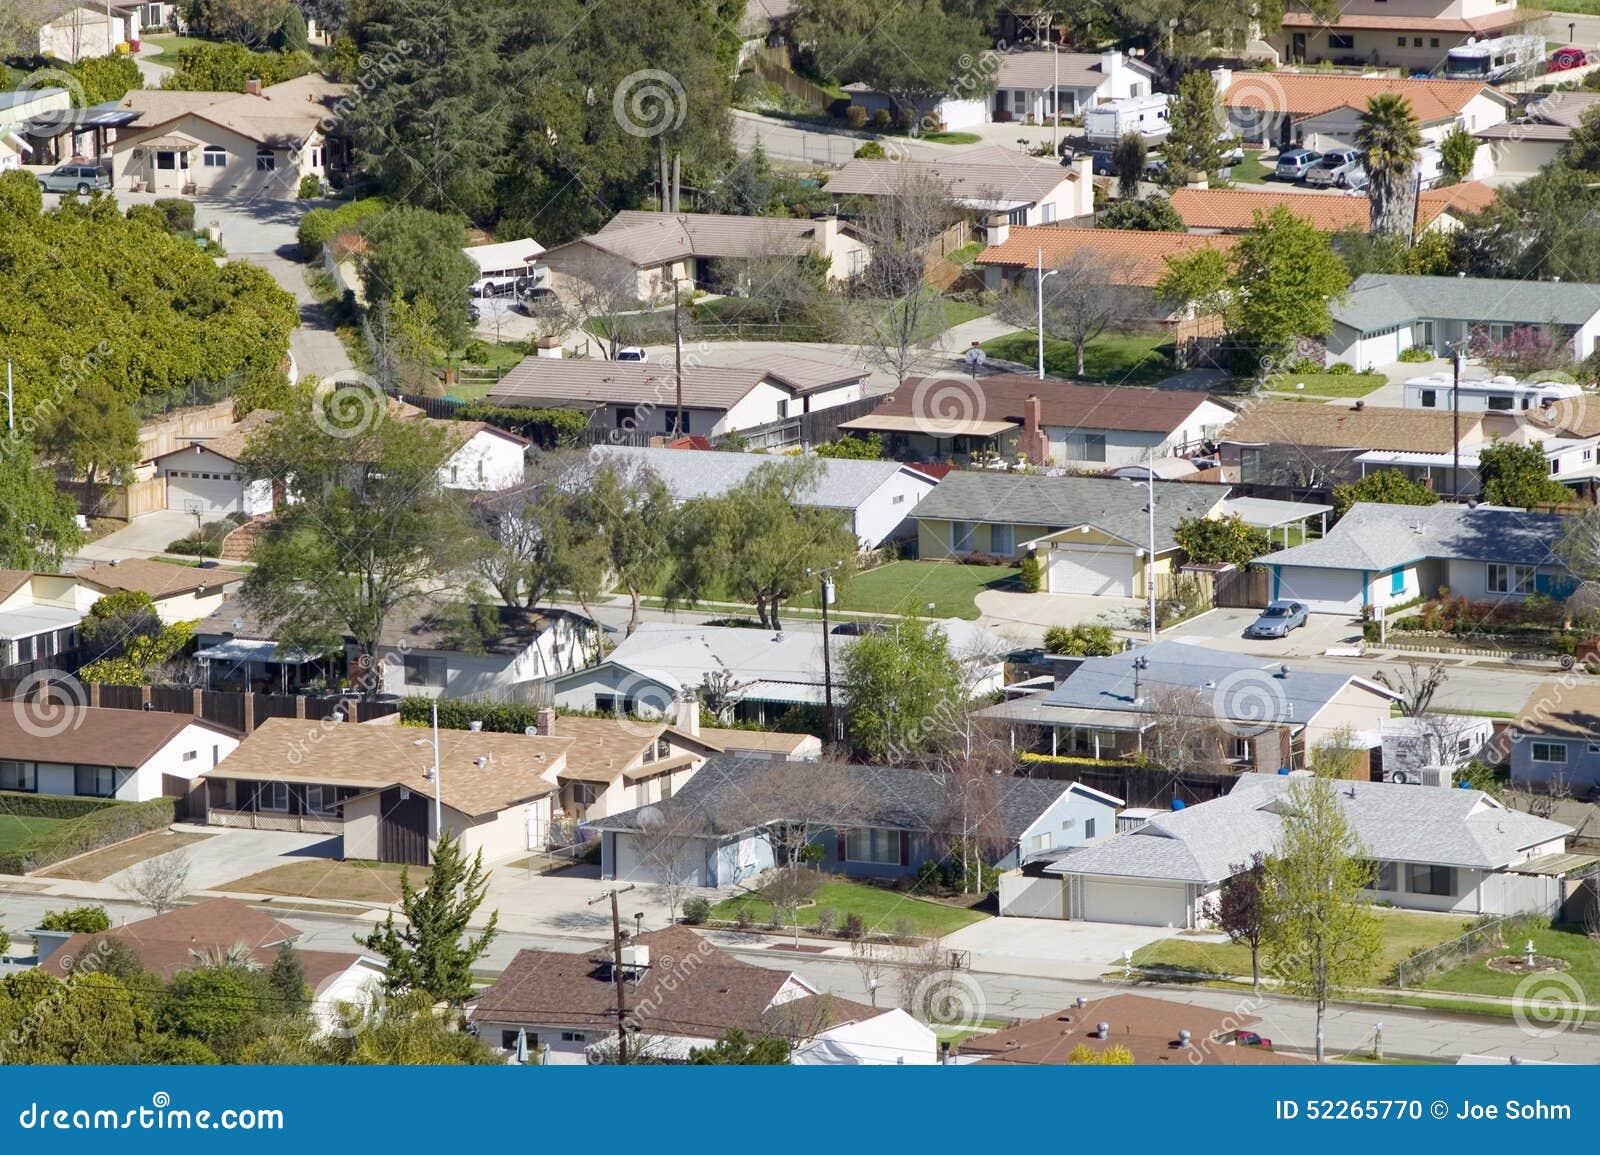 Vista aerea delle case nella suddivisione nel punto di vista della quercia, Ventura County, California